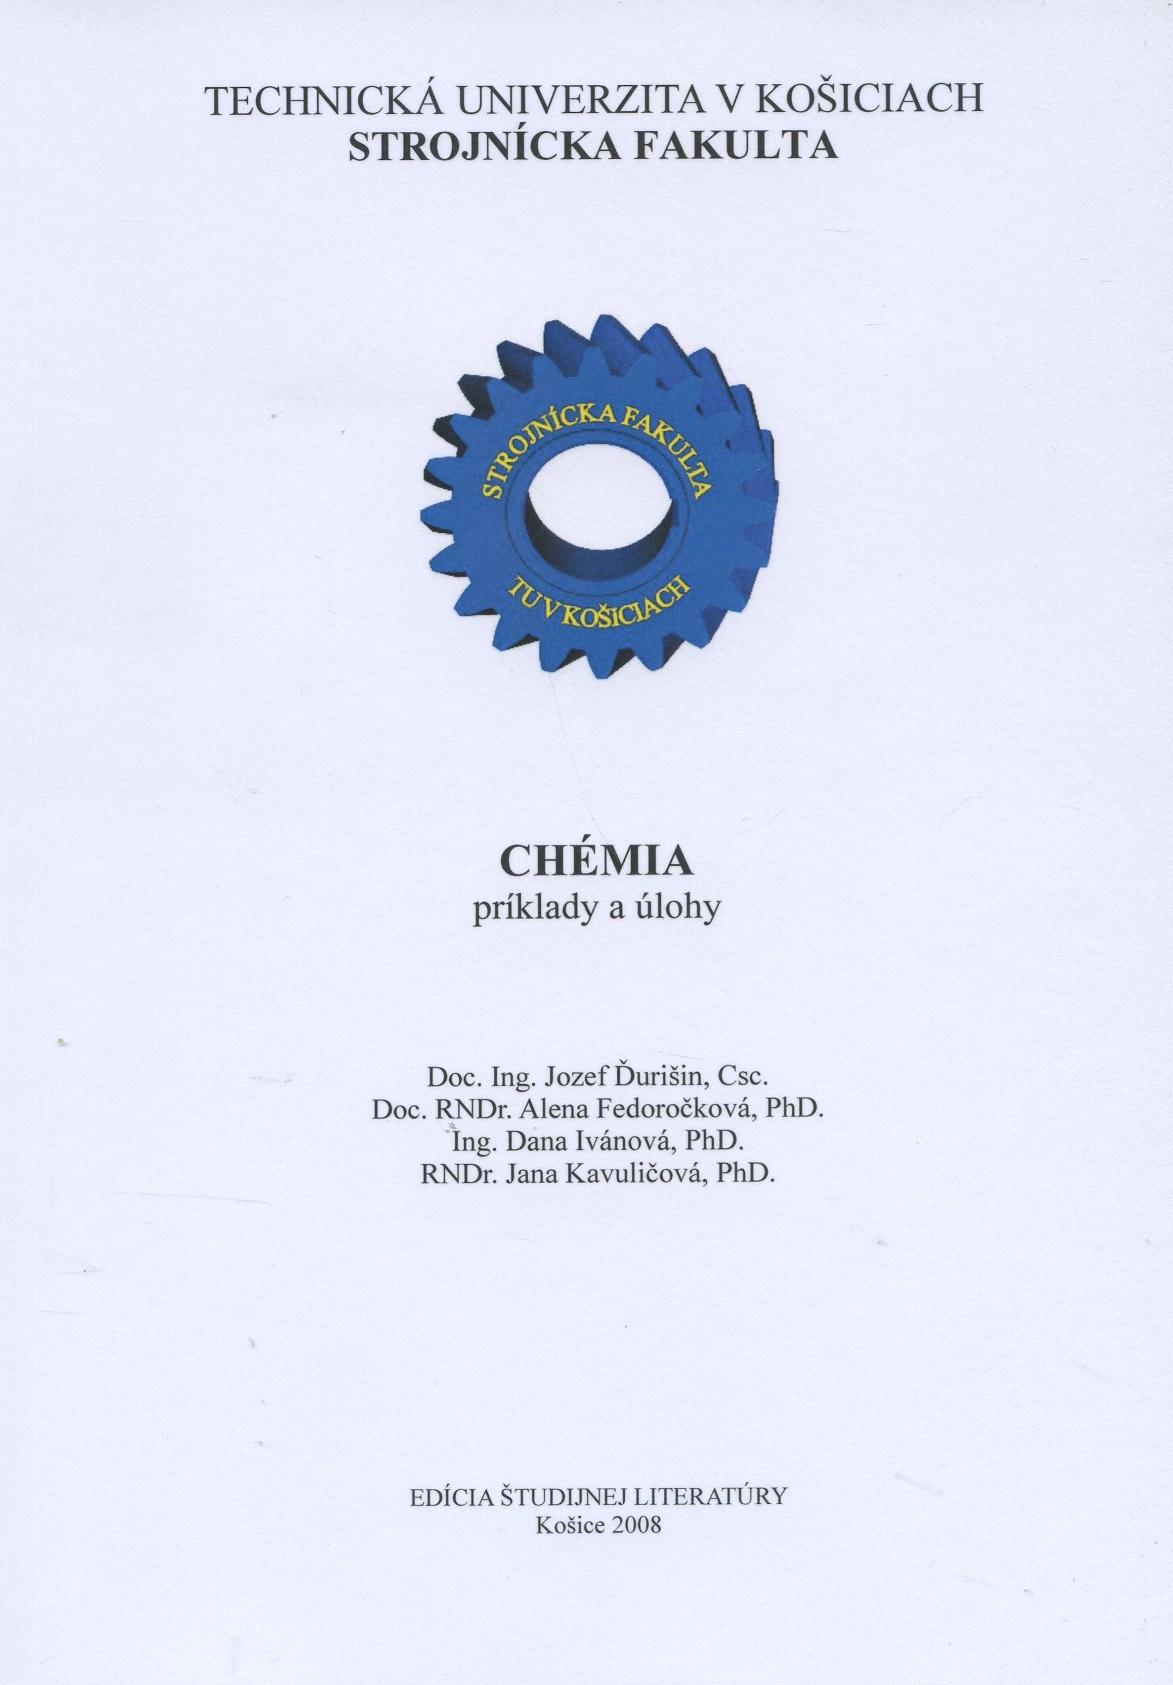 Chémia - príklady  úlohy